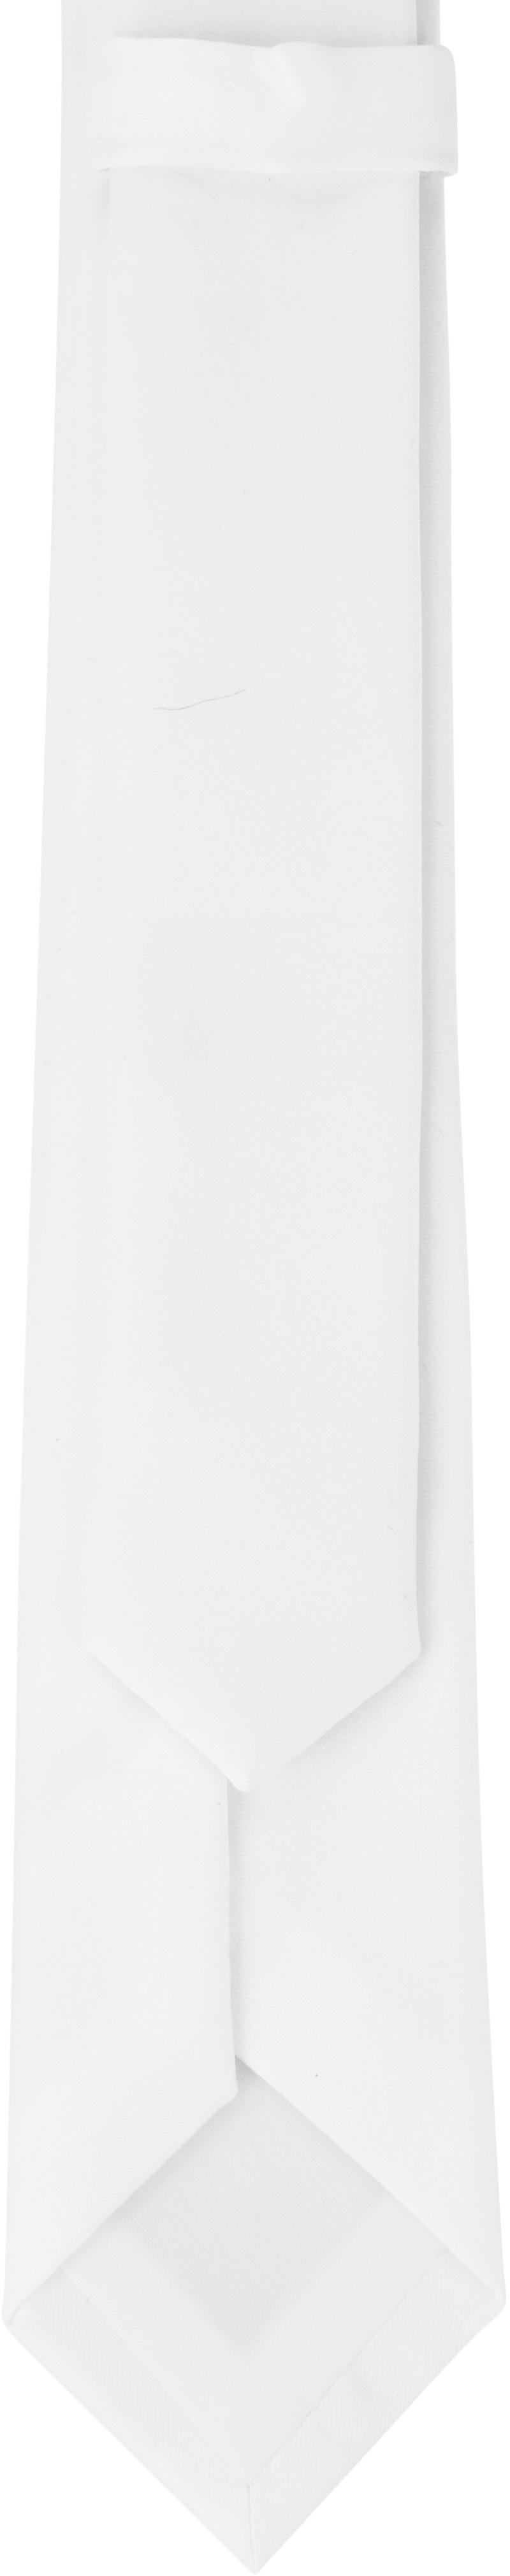 Suitable Krawatte Weiß 900 Foto 2